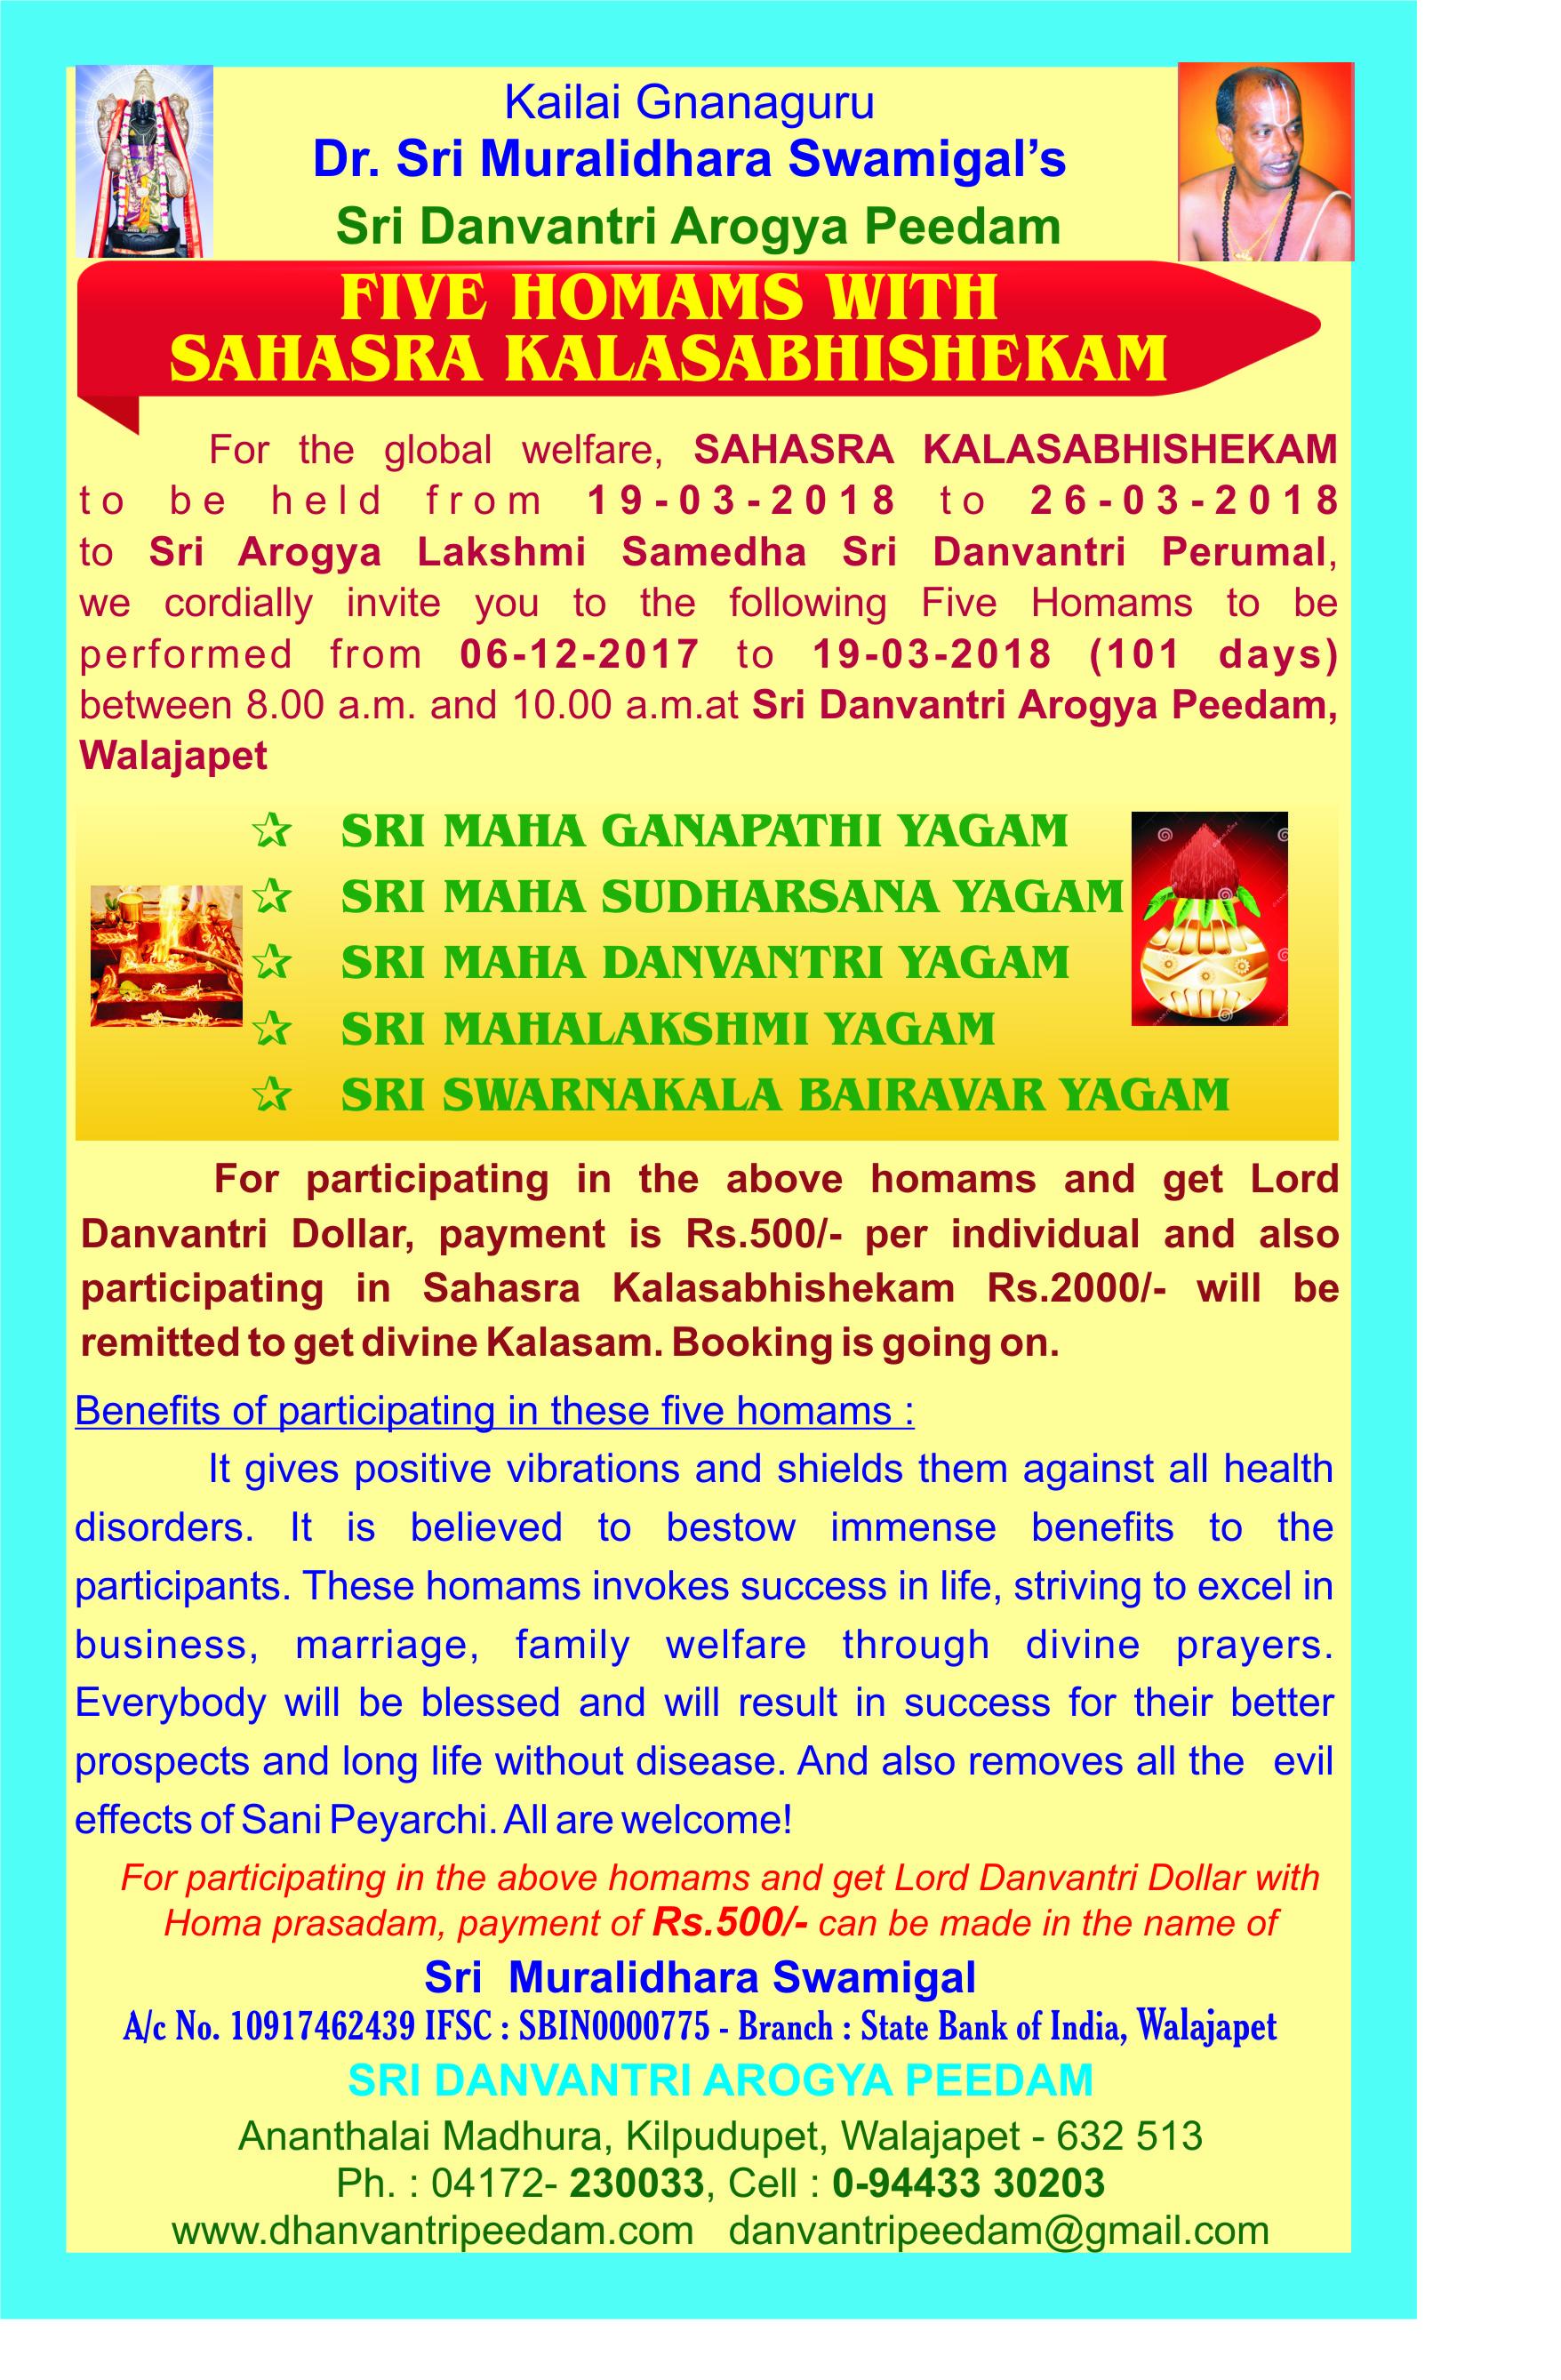 Sahasra Kalasabhishekam